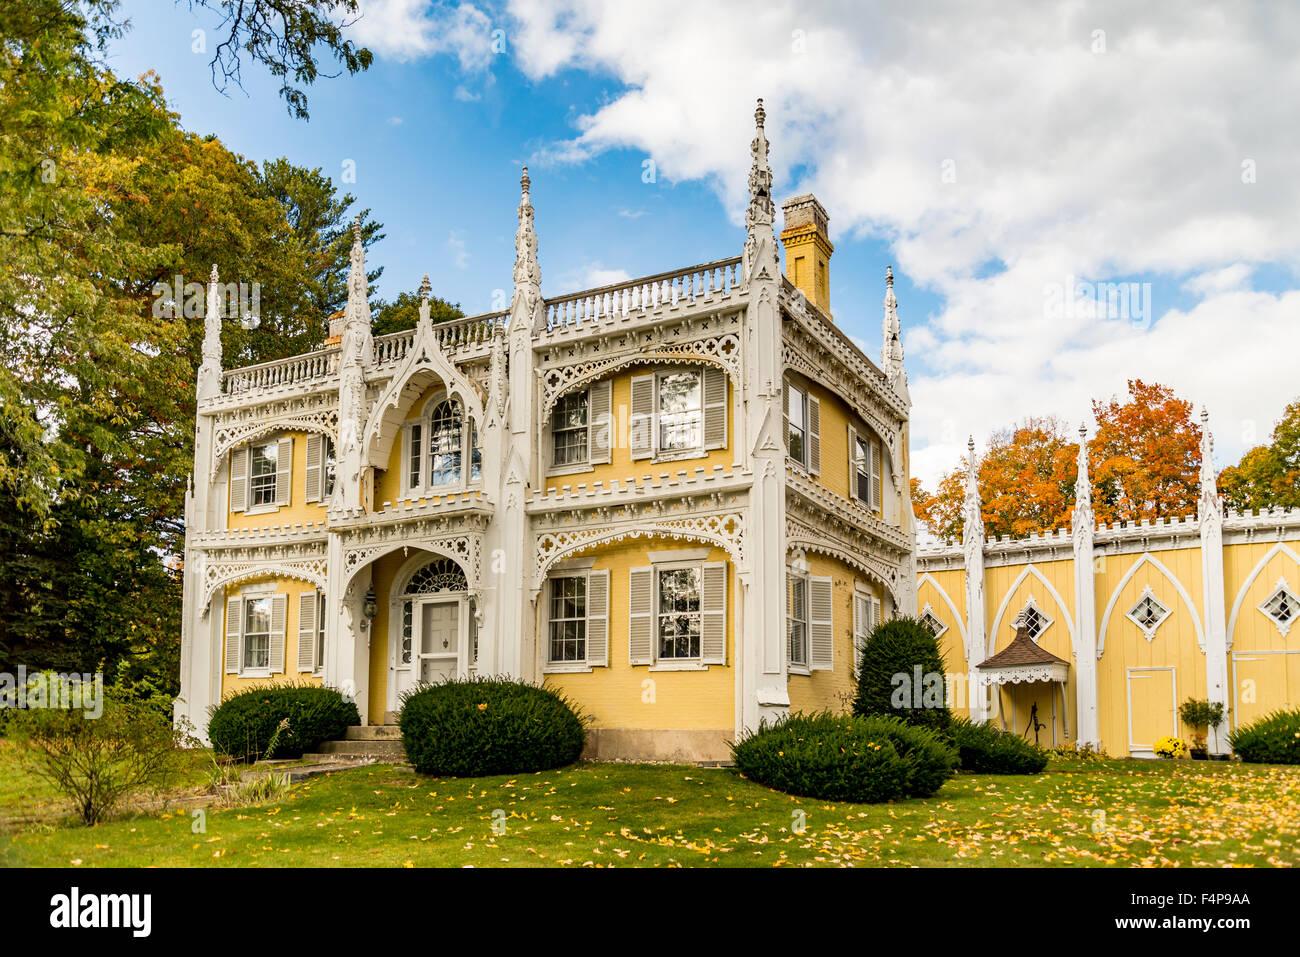 Hochzeit Kuchen Haus Stockfoto Bild 89000754 Alamy